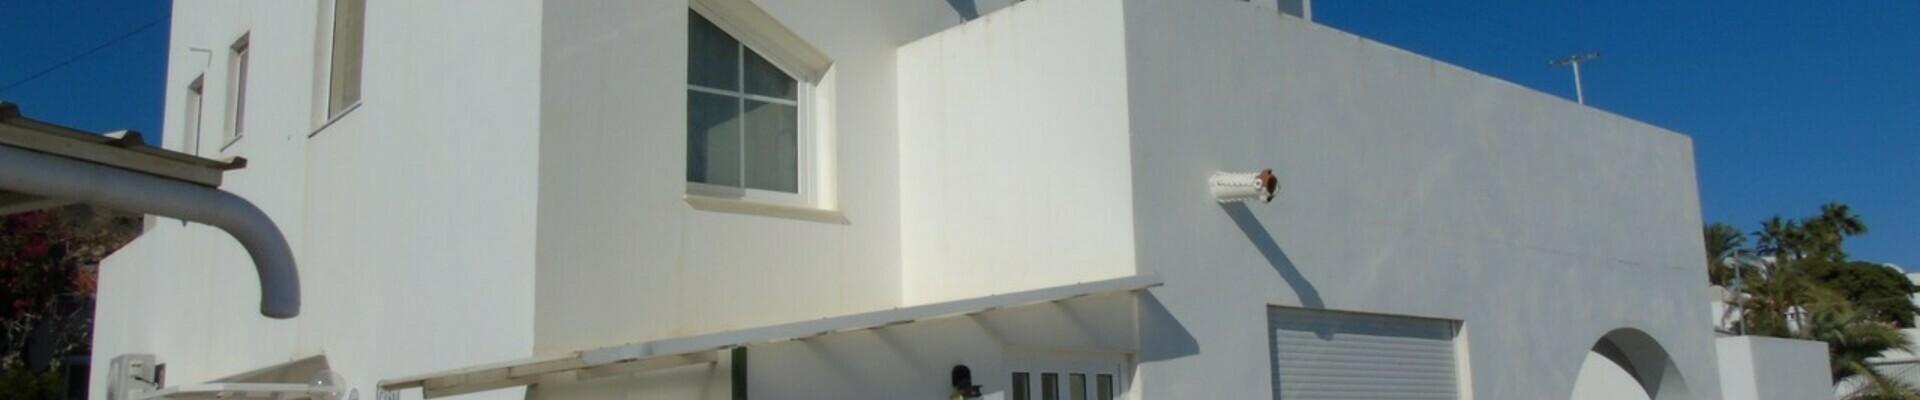 AF528: 6 Bedroom Villa for Sale